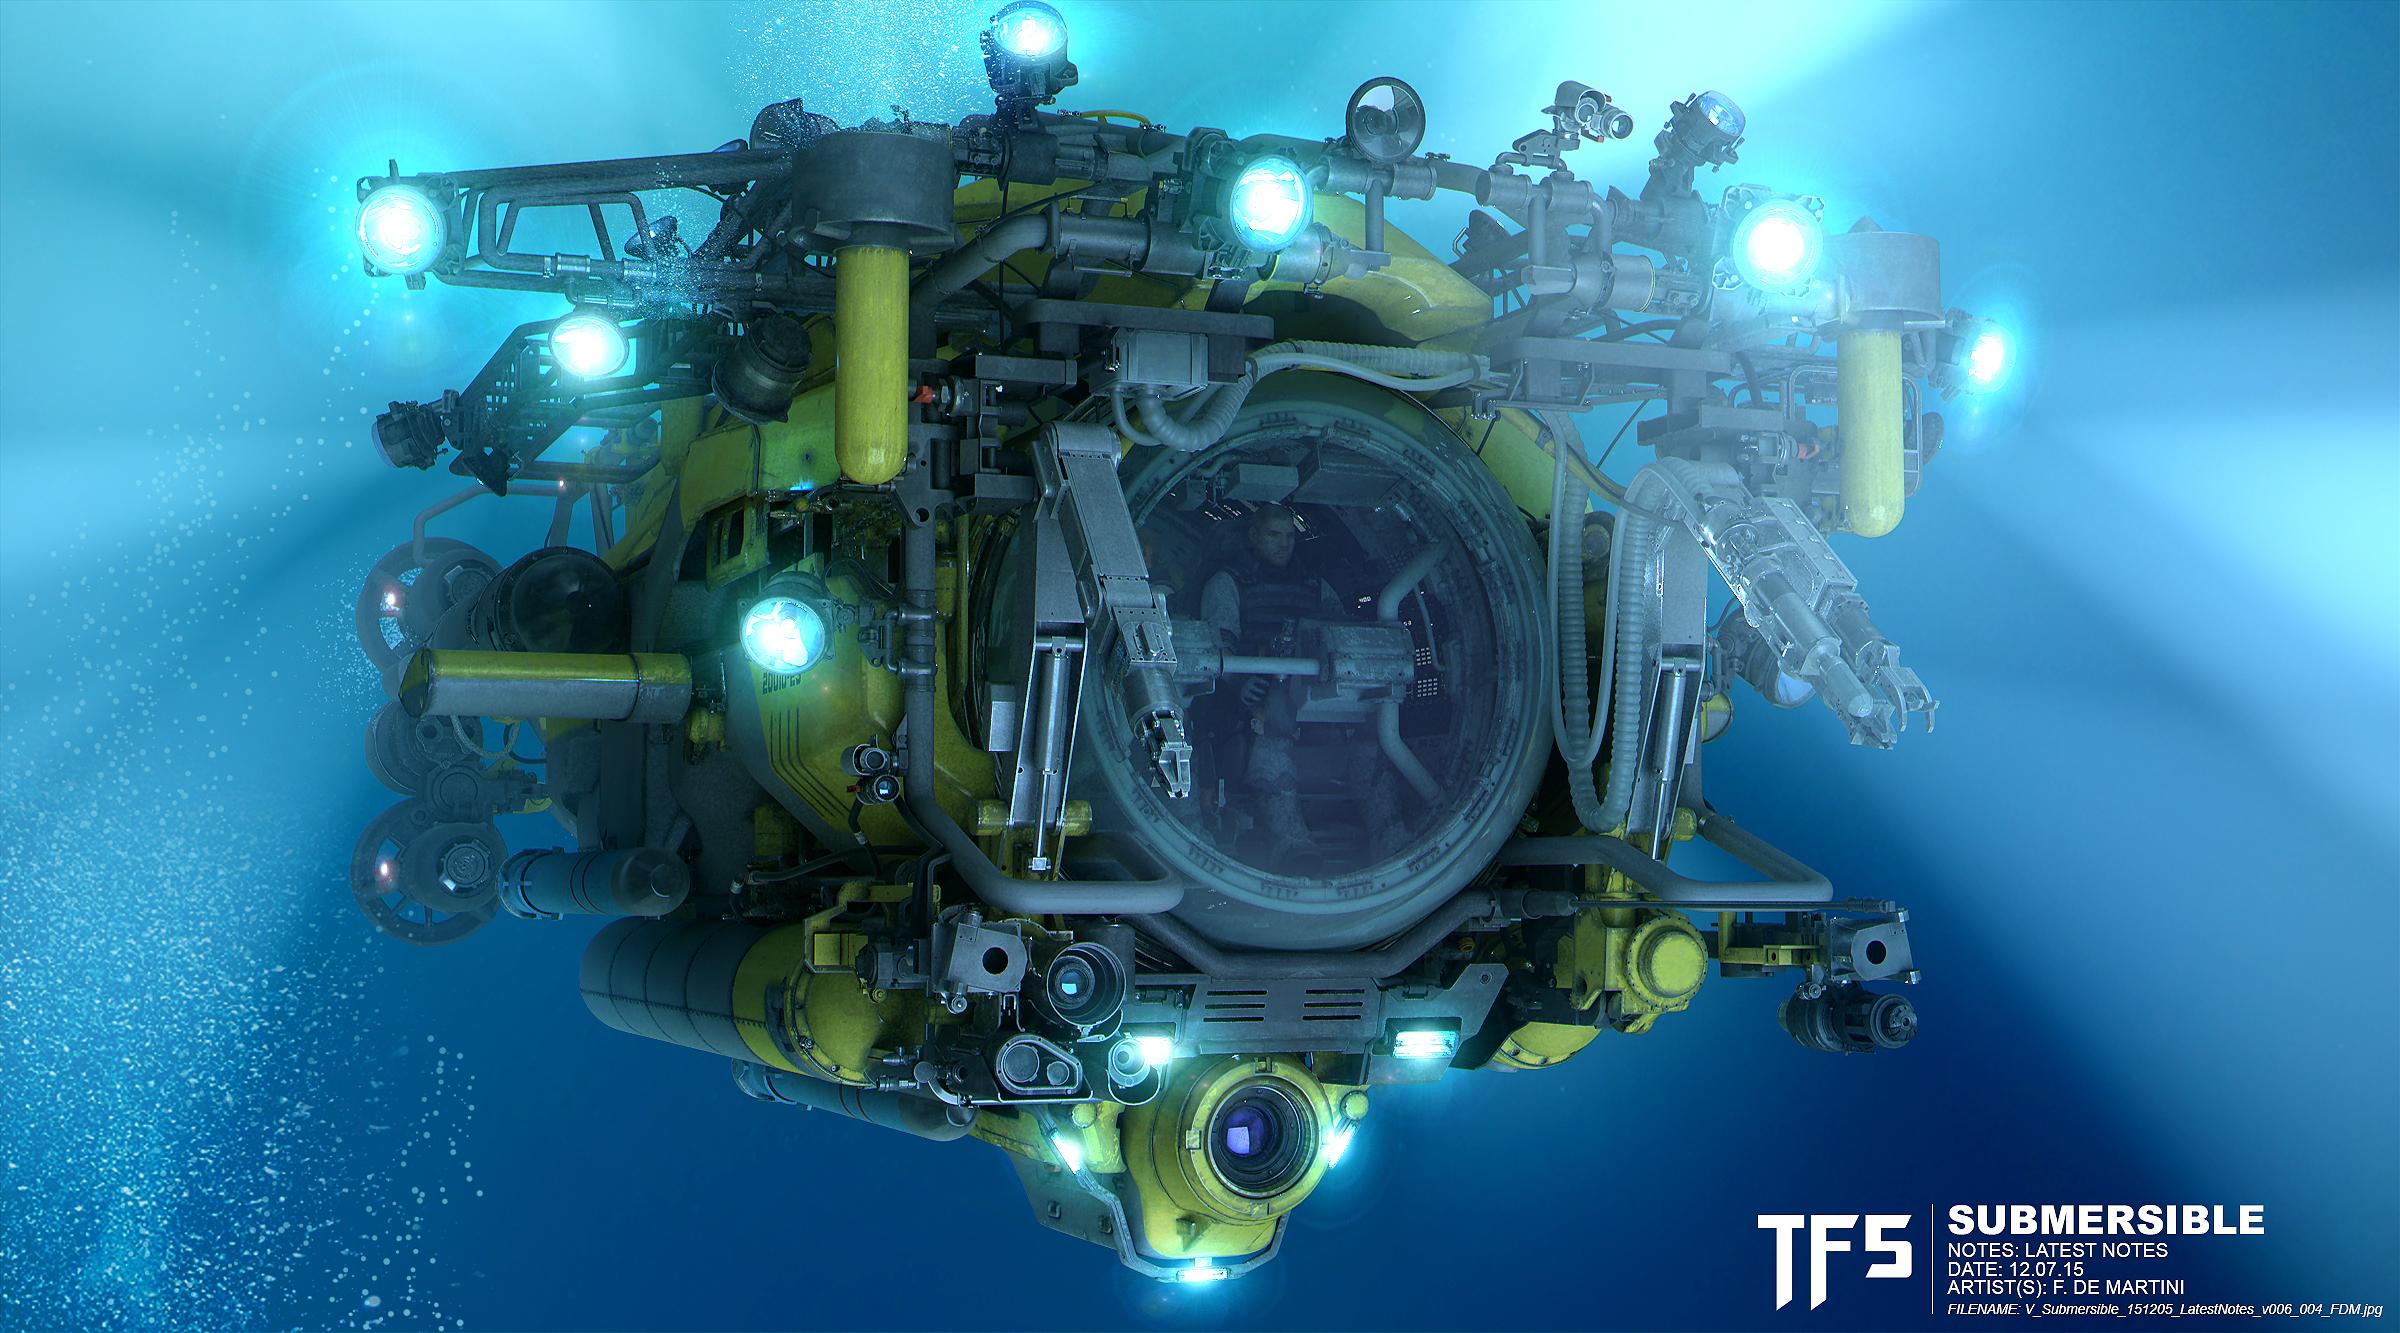 V_Submersible_151205_LatestNotes_v006_004_FDM.jpg